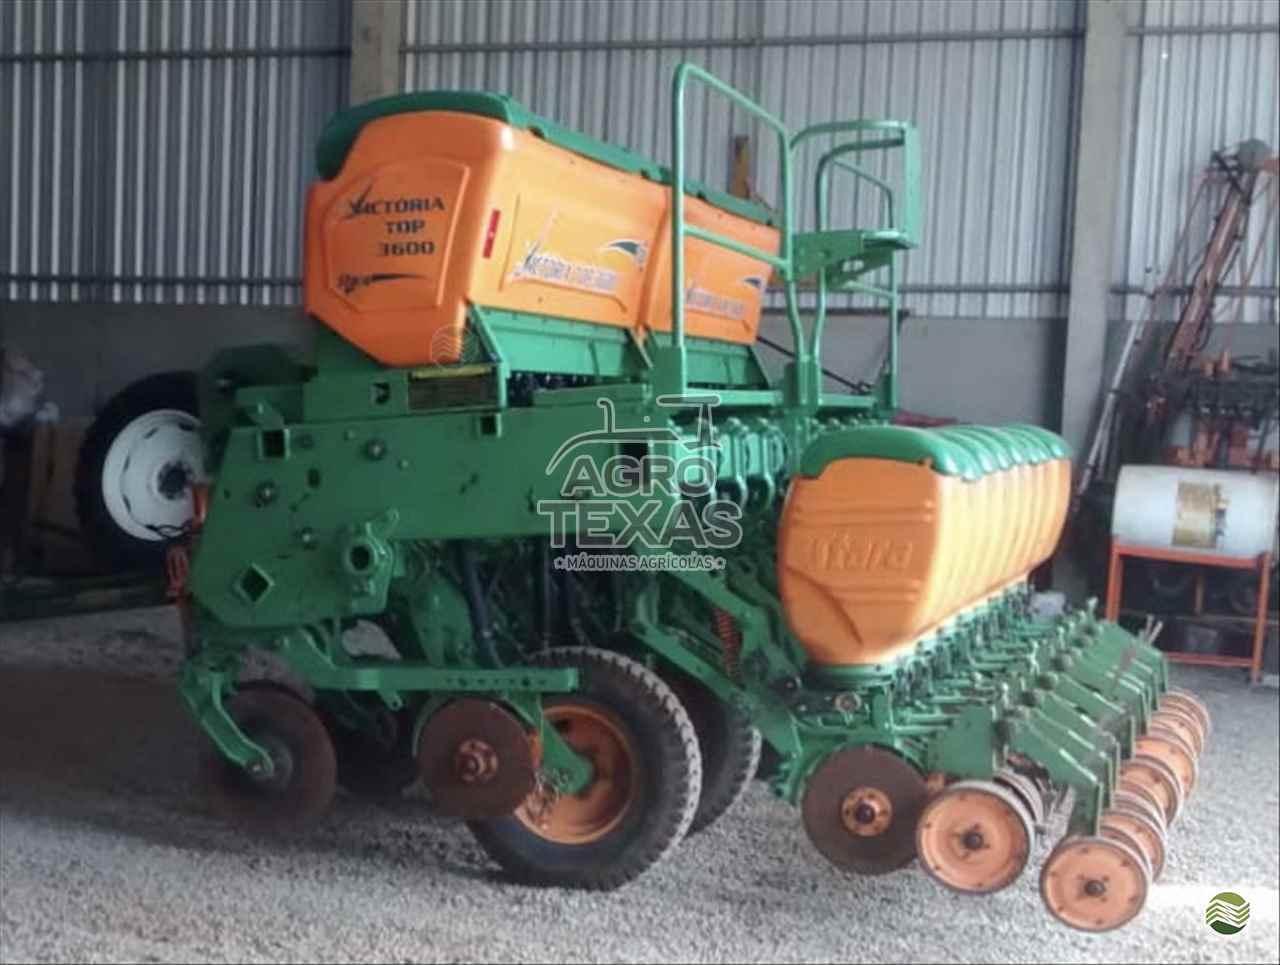 PLANTADEIRA STARA VICTORIA 3600 Agro Texas Máquinas Agrícolas VITORINO PARANÁ PR